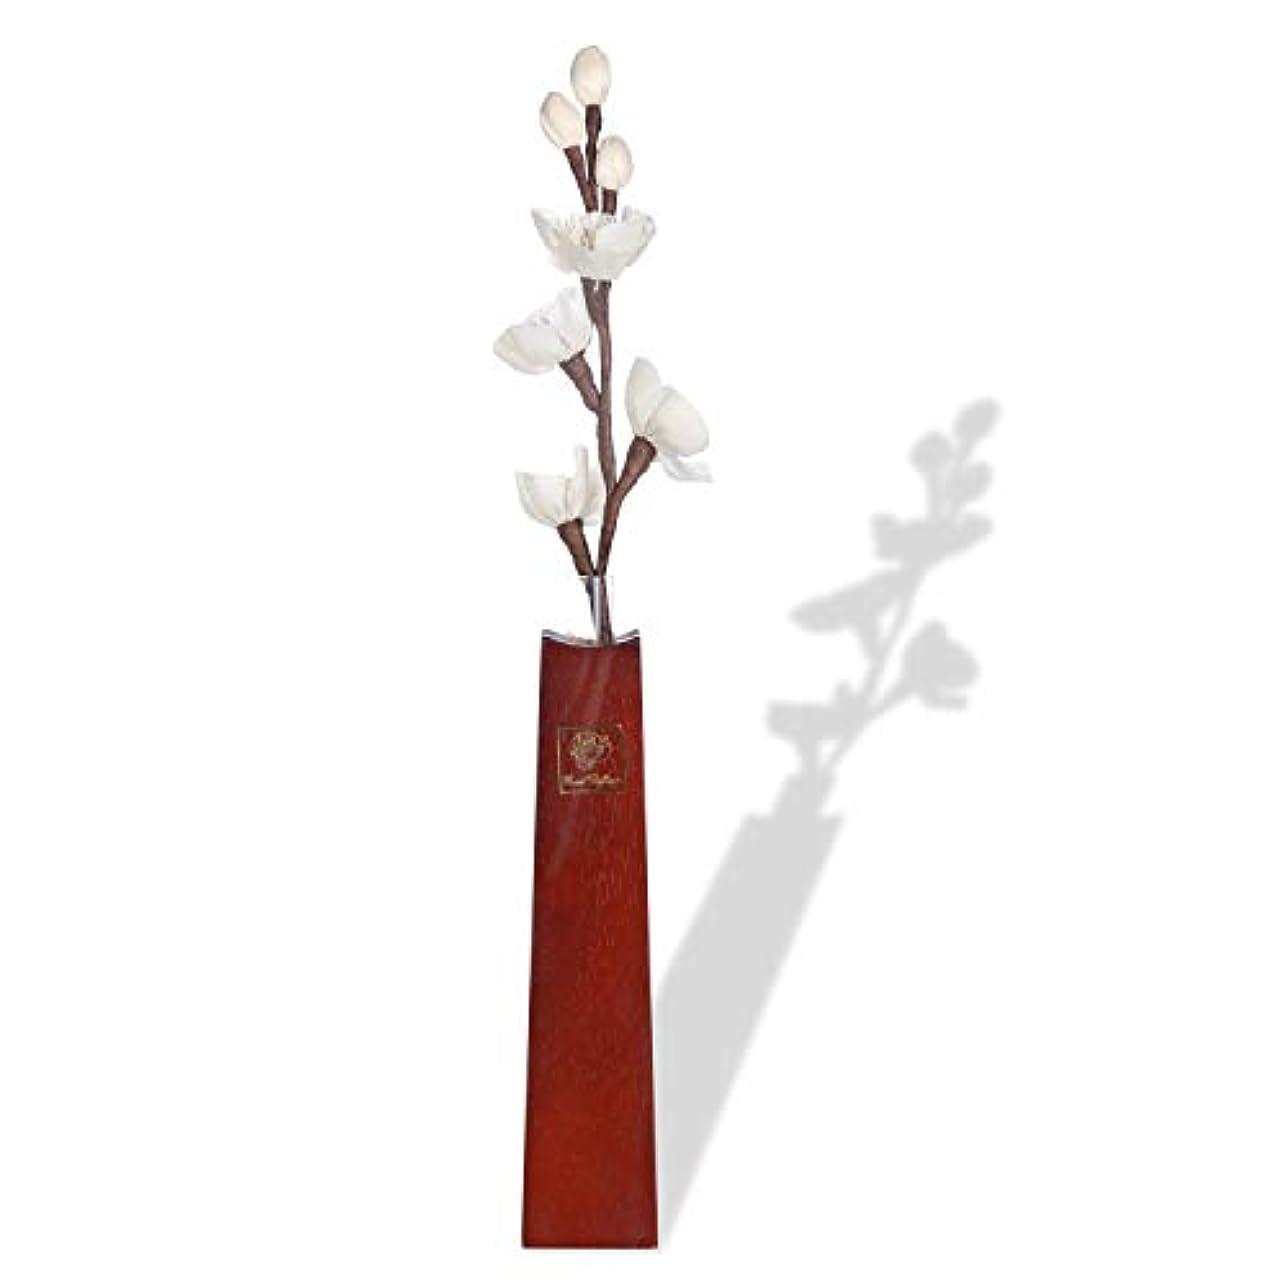 合意大使追い出すルームフレグランス リードディフューザー 和風純木フラワーベース アロマ花瓶 と 一輪挿し紙製造花 (香料を含まない)